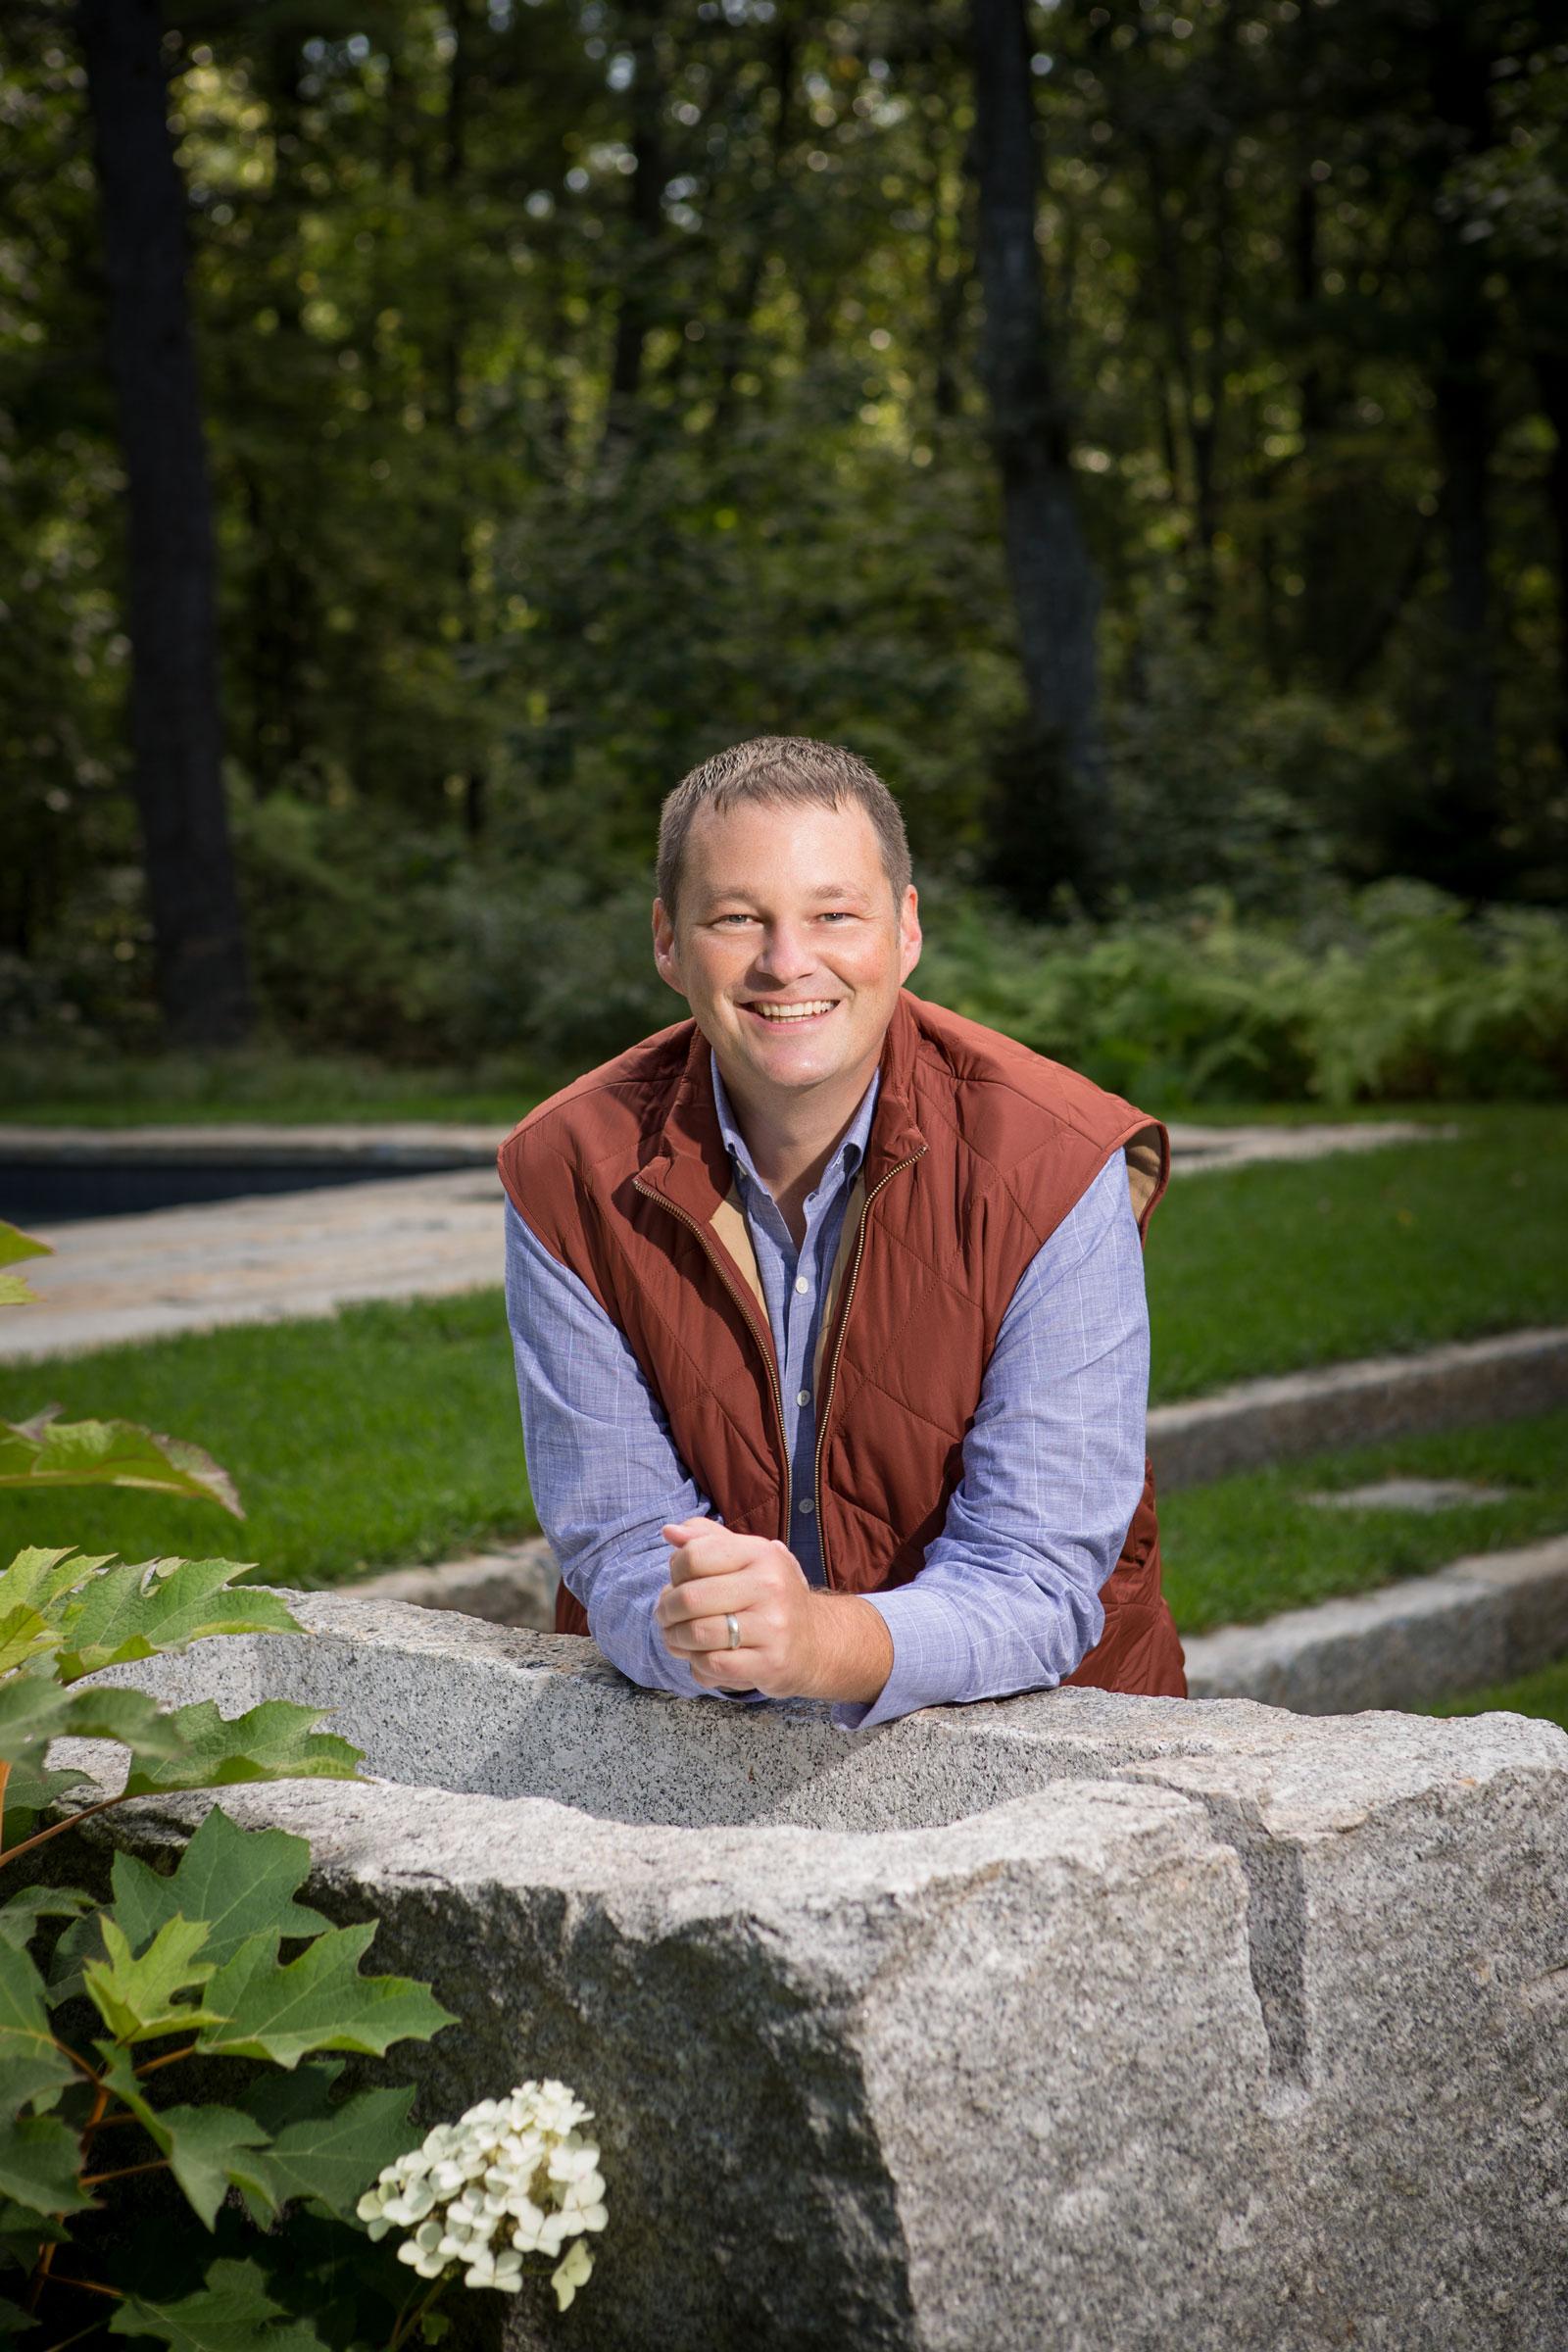 Landscape designer Matthew Cunningham's high-end private garden